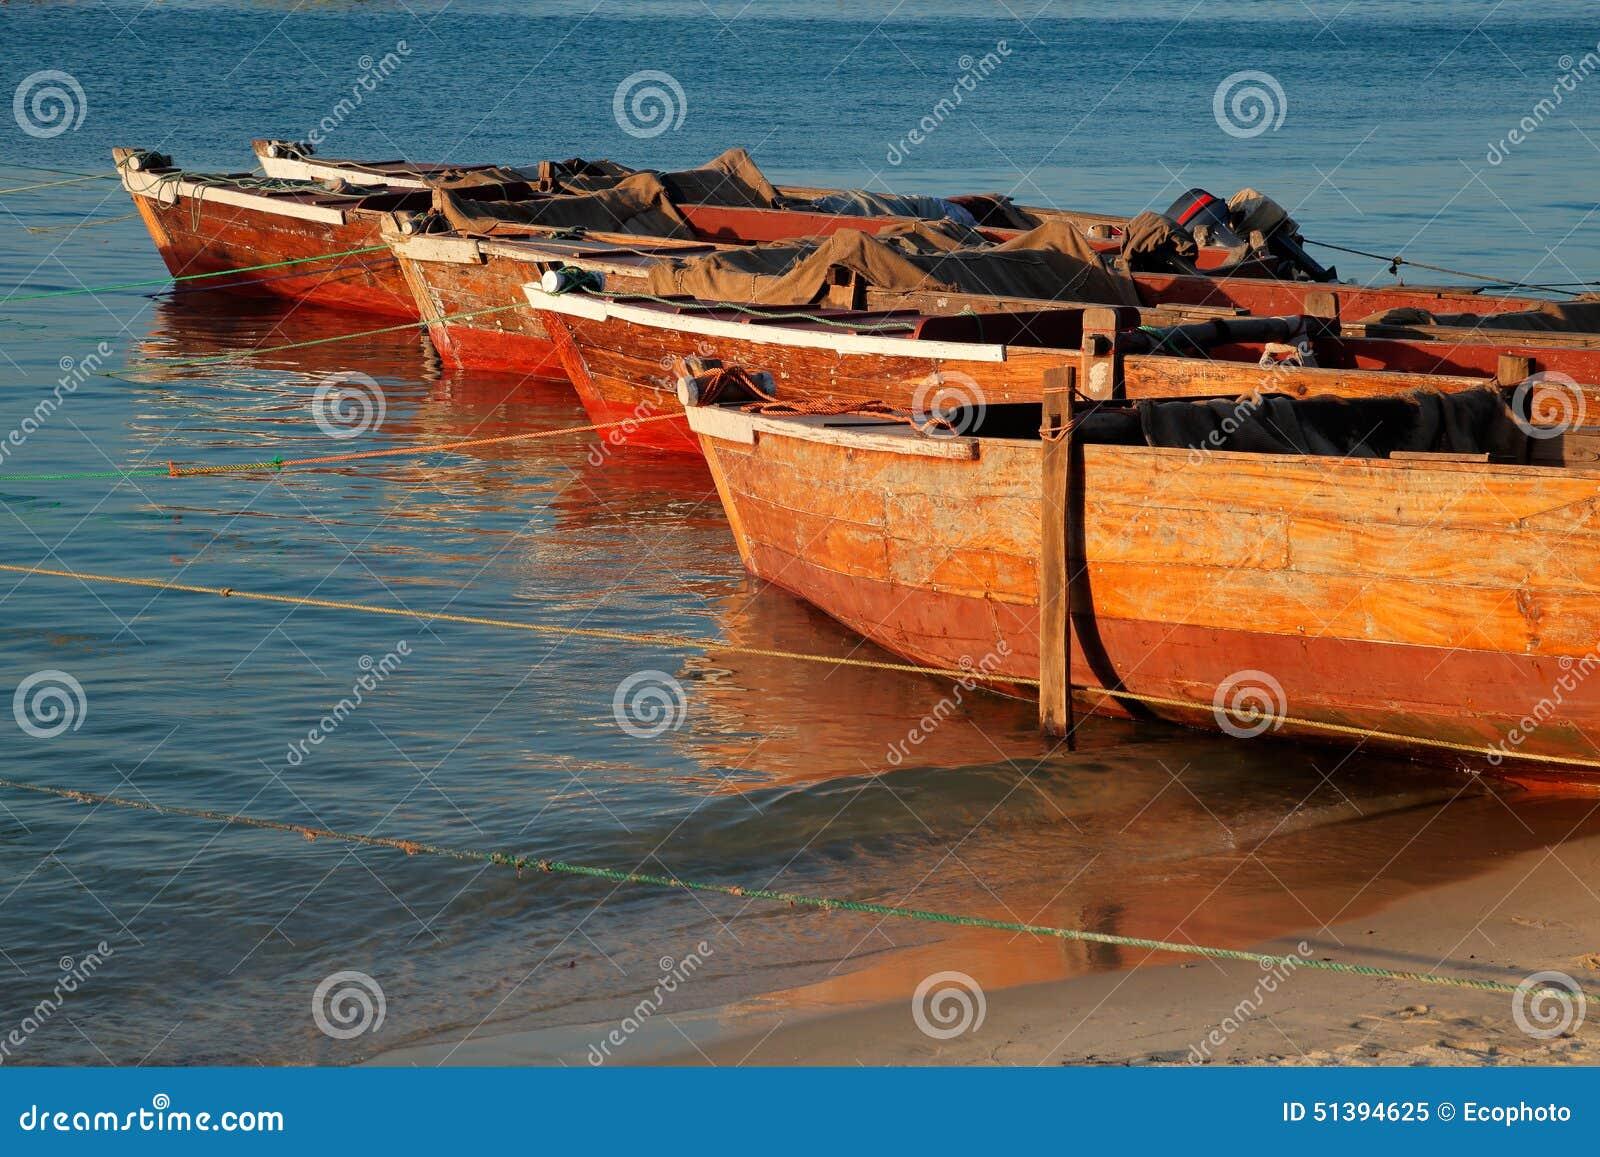 Barche Di Legno Sulla Spiaggia Fotografia Stock - Immagine: 51394625